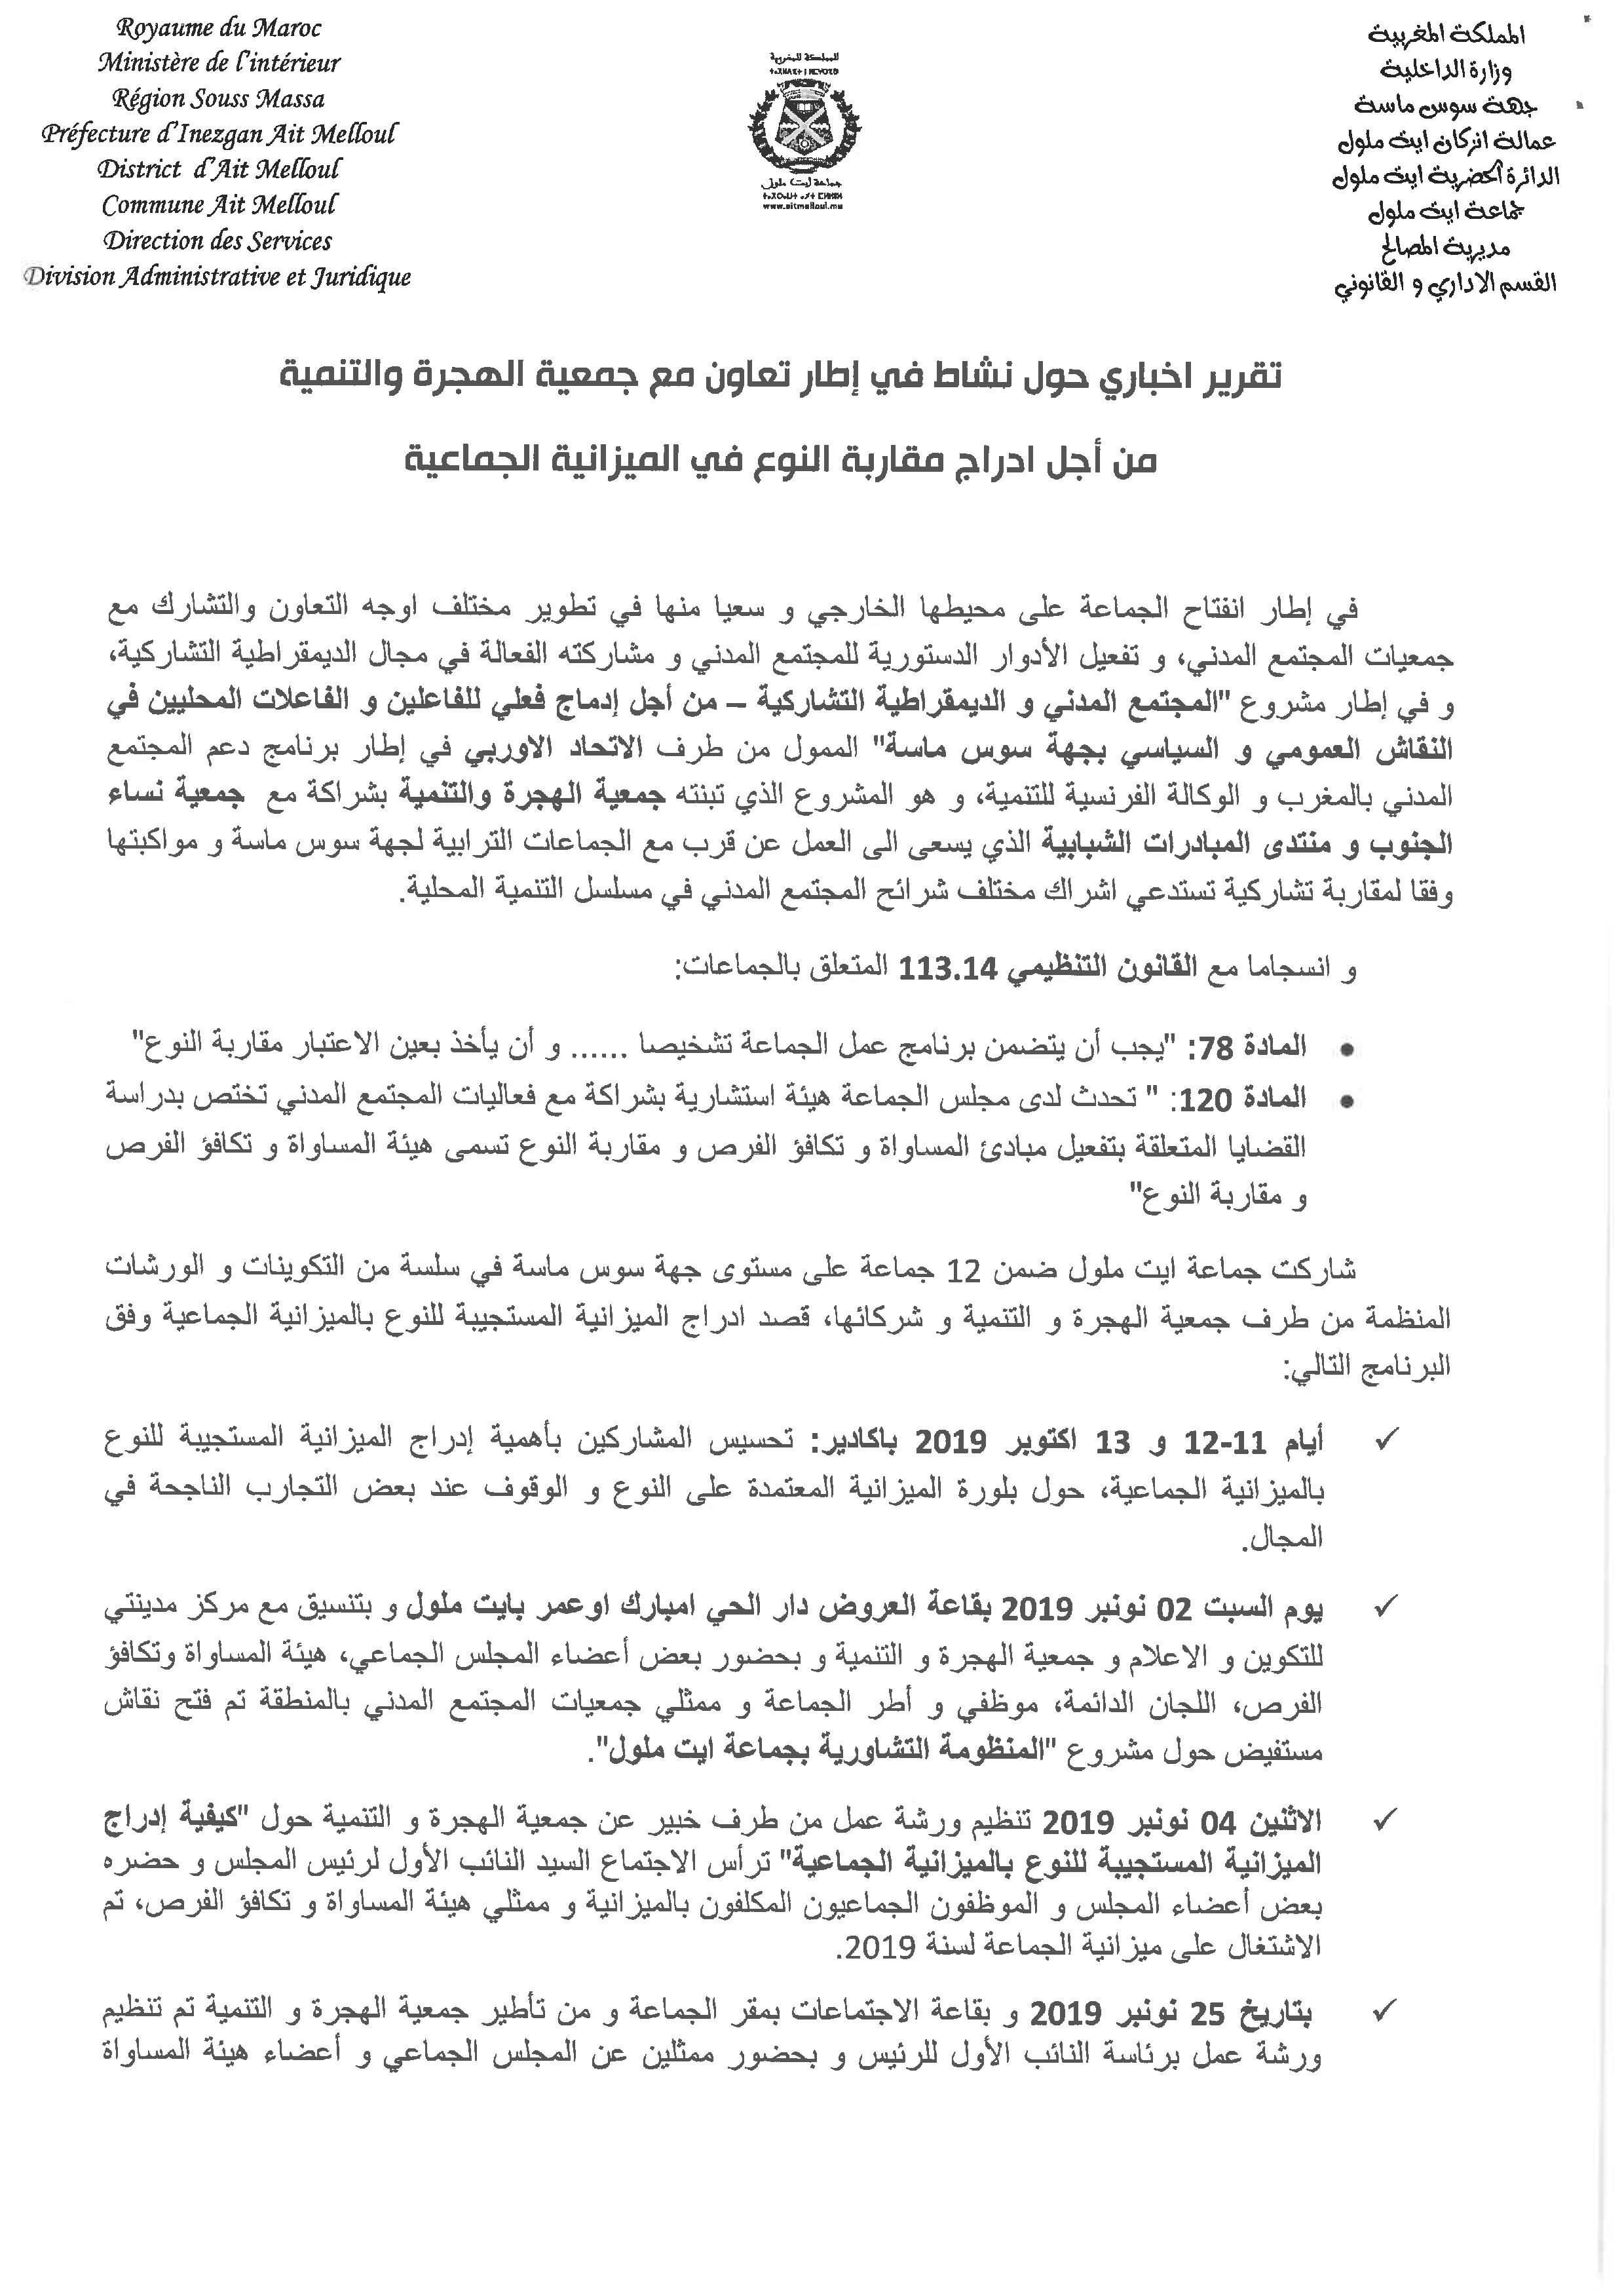 تقرير إخباري حول نشاط في إطار تعاون مع جمعية الهجرة والتنمية من أجل إدراج مقاربة النوع في الميزانية الجماعية